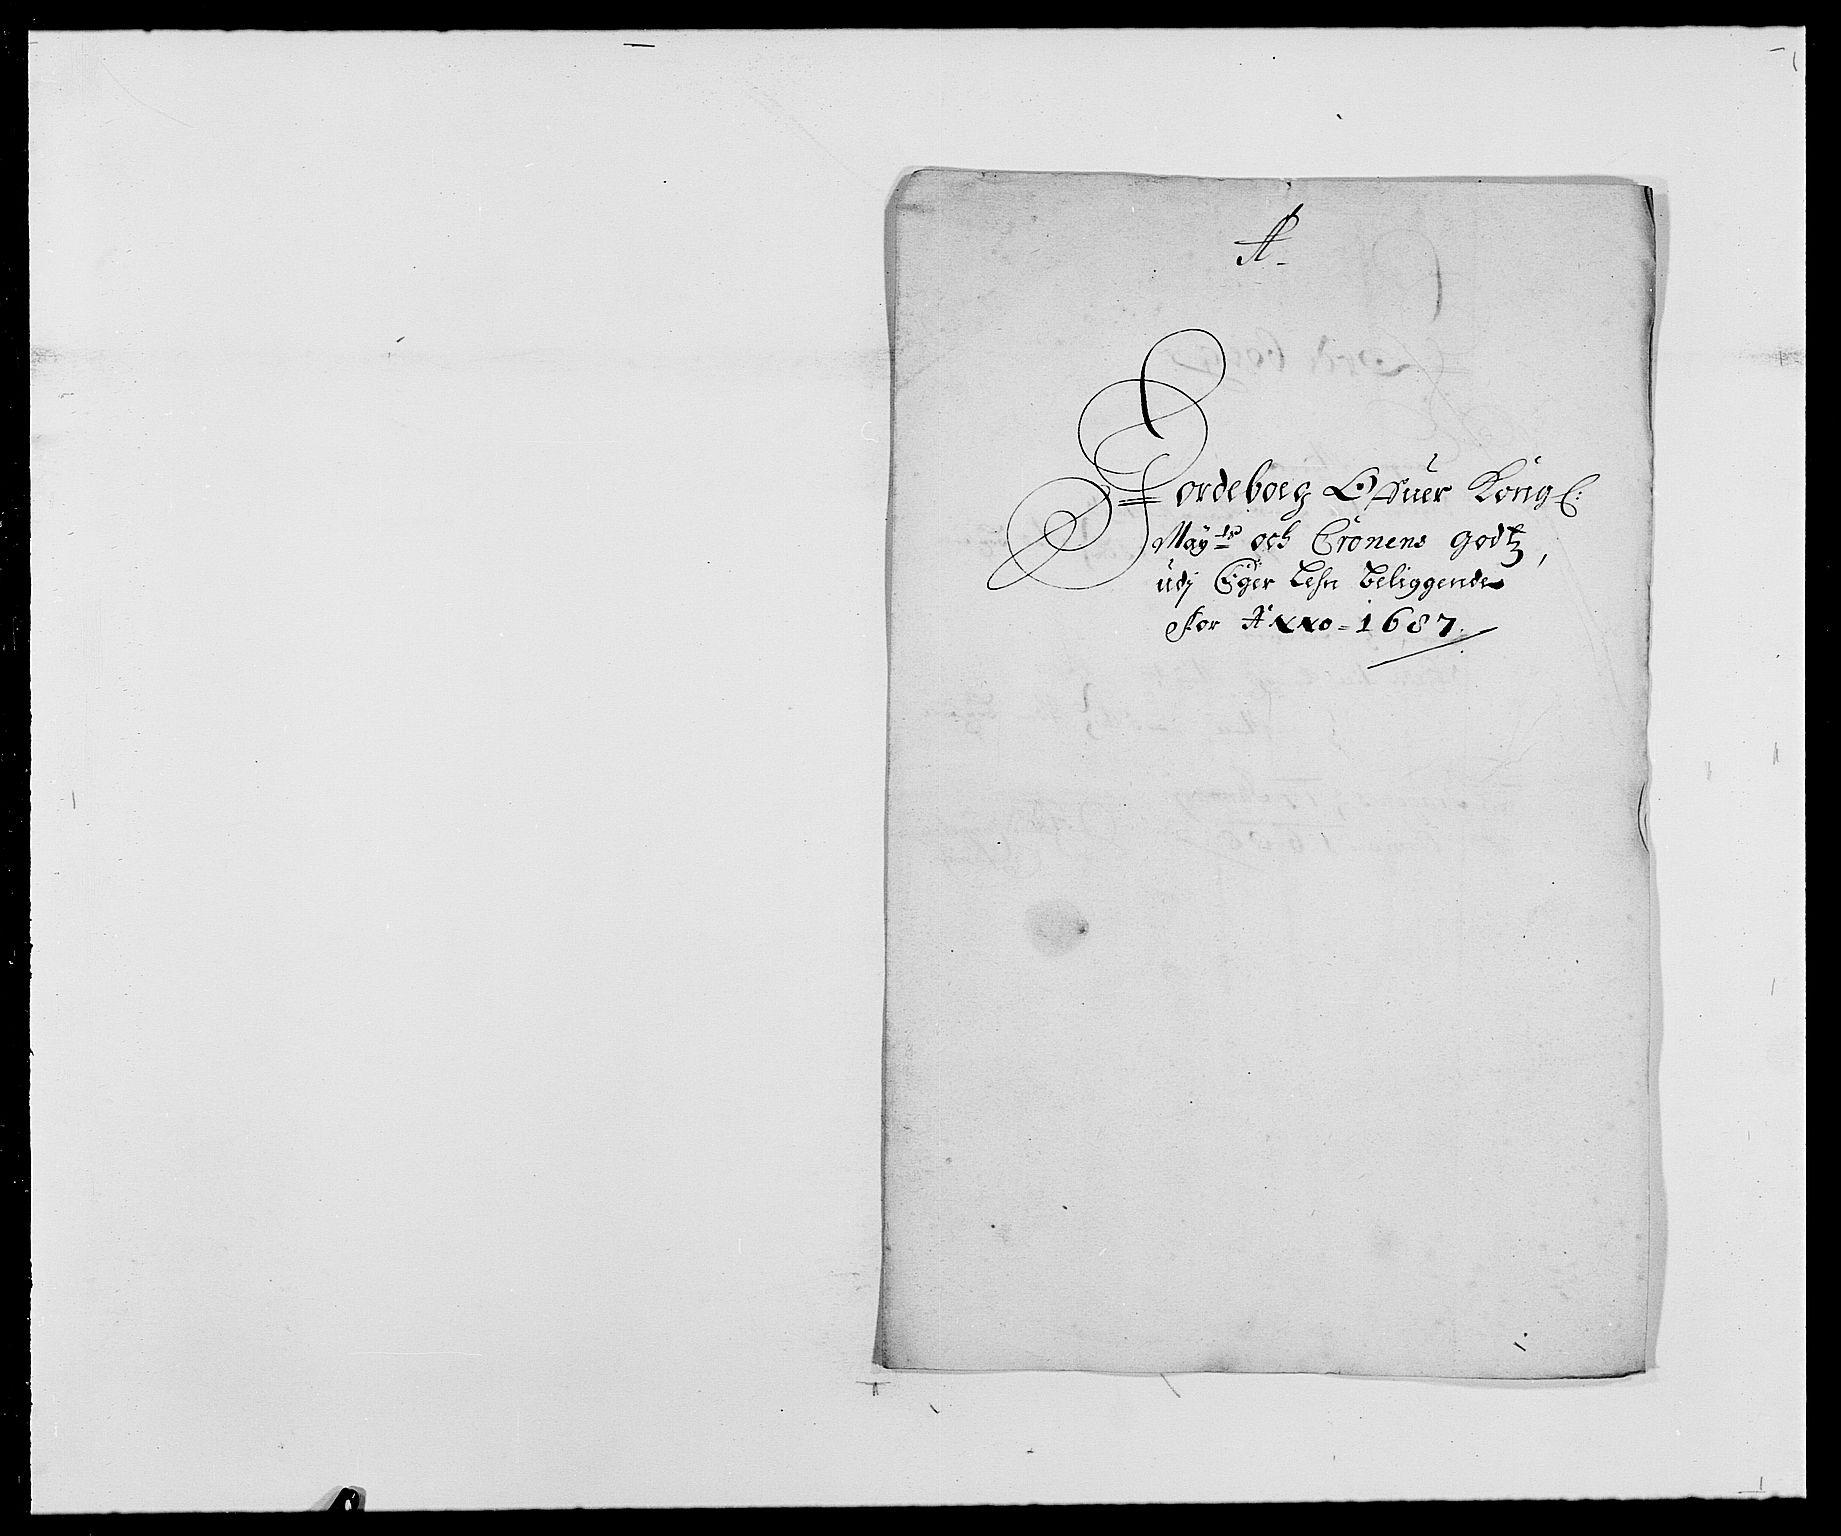 RA, Rentekammeret inntil 1814, Reviderte regnskaper, Fogderegnskap, R28/L1688: Fogderegnskap Eiker og Lier, 1687-1689, s. 14